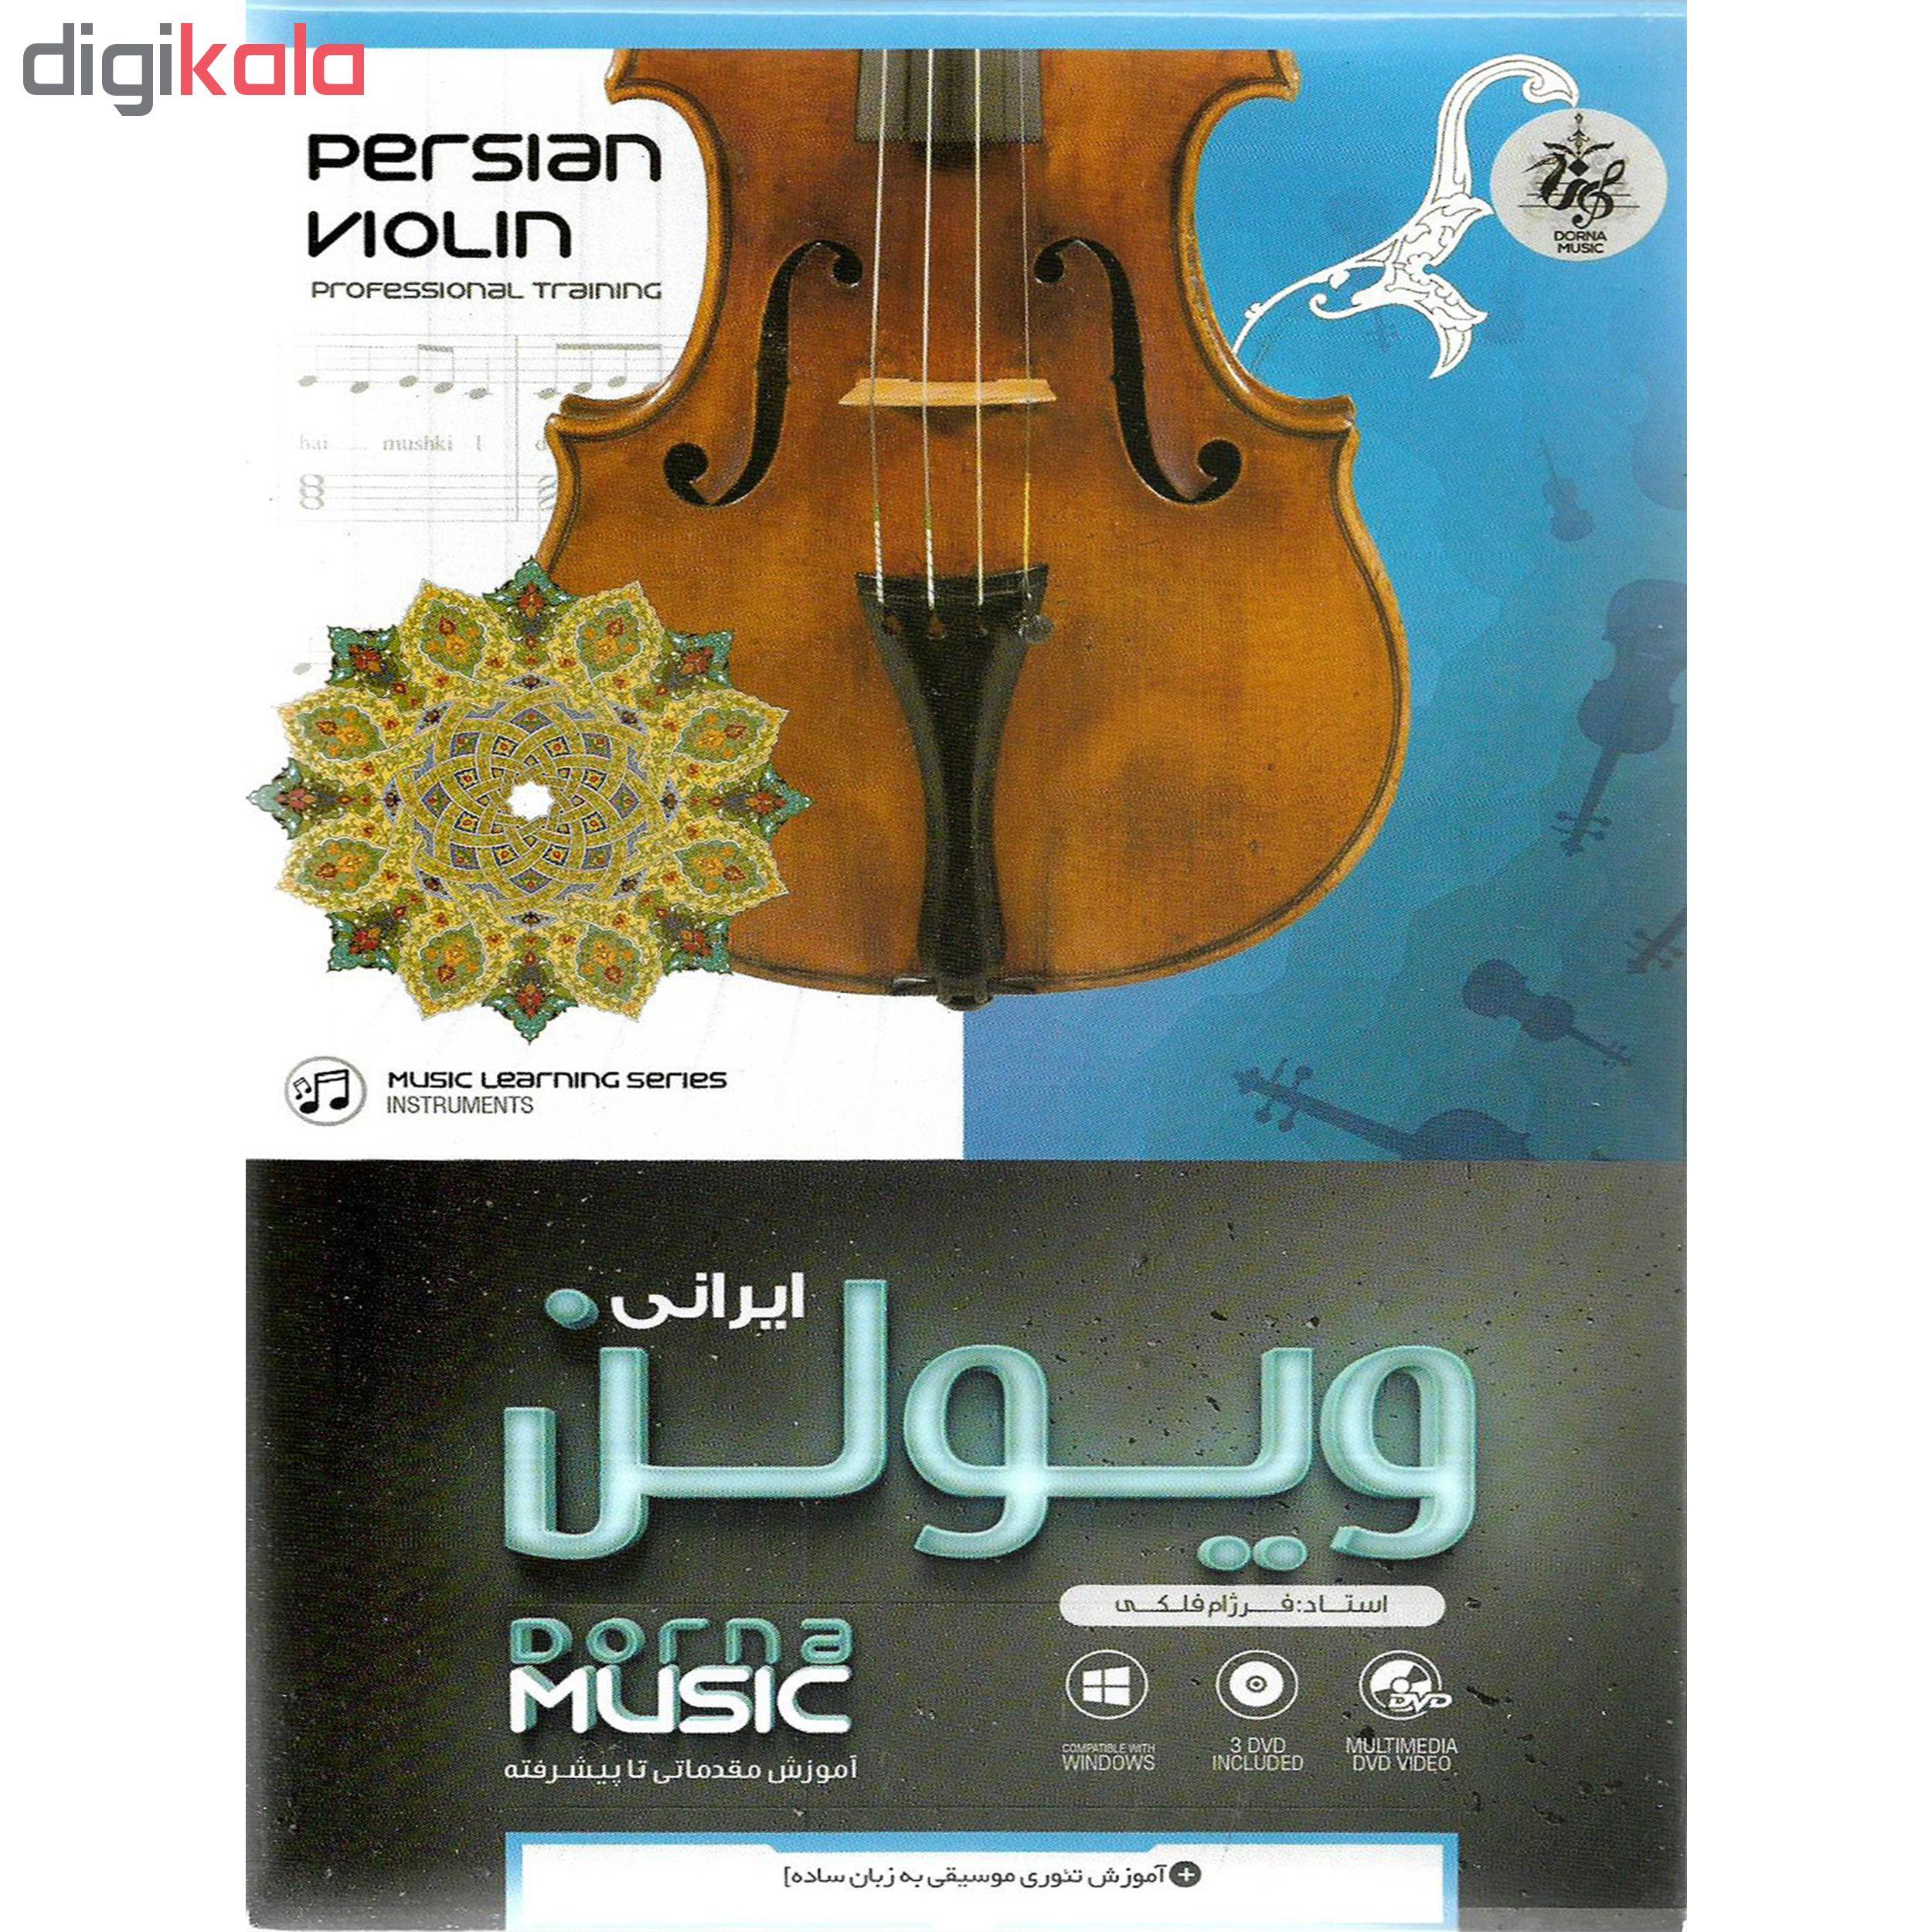 نرم افزار آموزش ویولن ایرانی نشر درنا به همراه نرم افزار آموزش ویولن کلاسیک نشر درنا